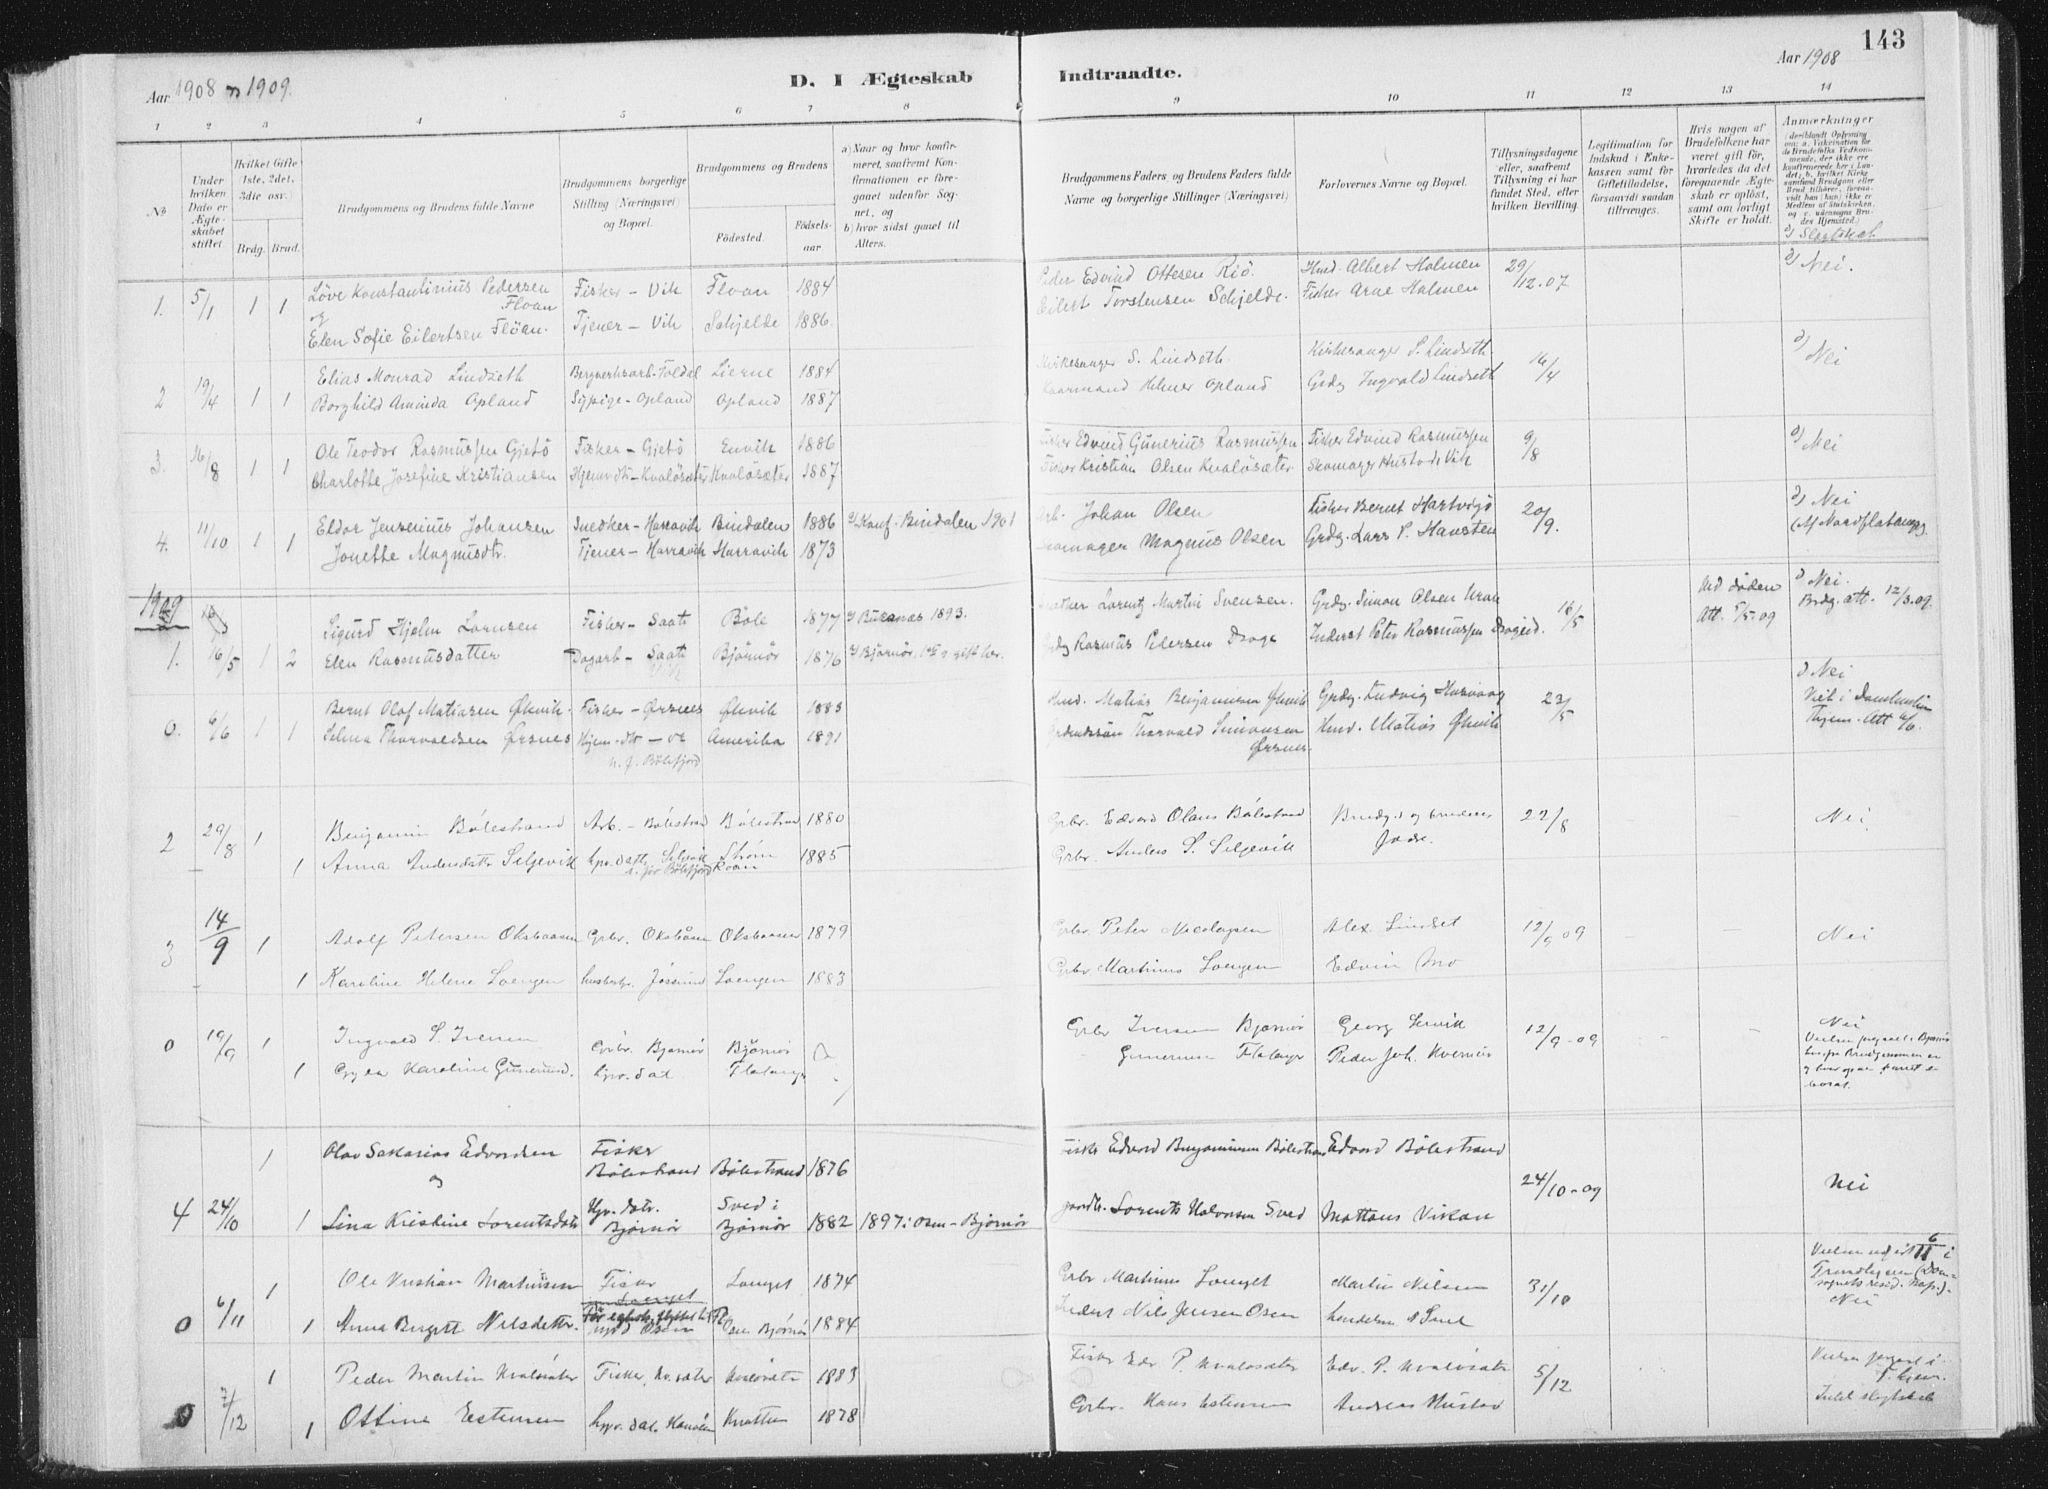 SAT, Ministerialprotokoller, klokkerbøker og fødselsregistre - Nord-Trøndelag, 771/L0597: Ministerialbok nr. 771A04, 1885-1910, s. 143